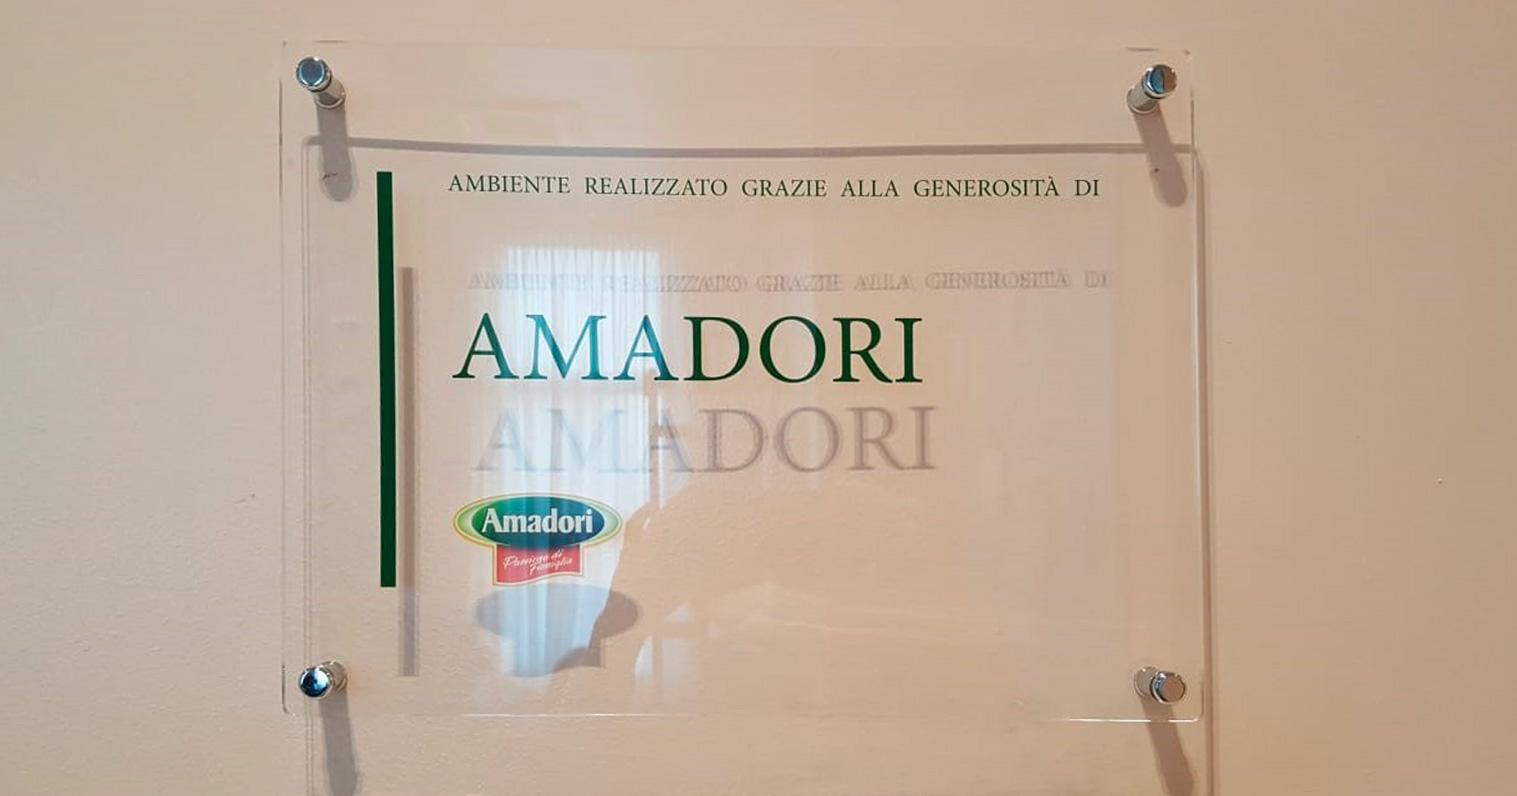 Targa presso la Ronald McDonald Family Room di Milano